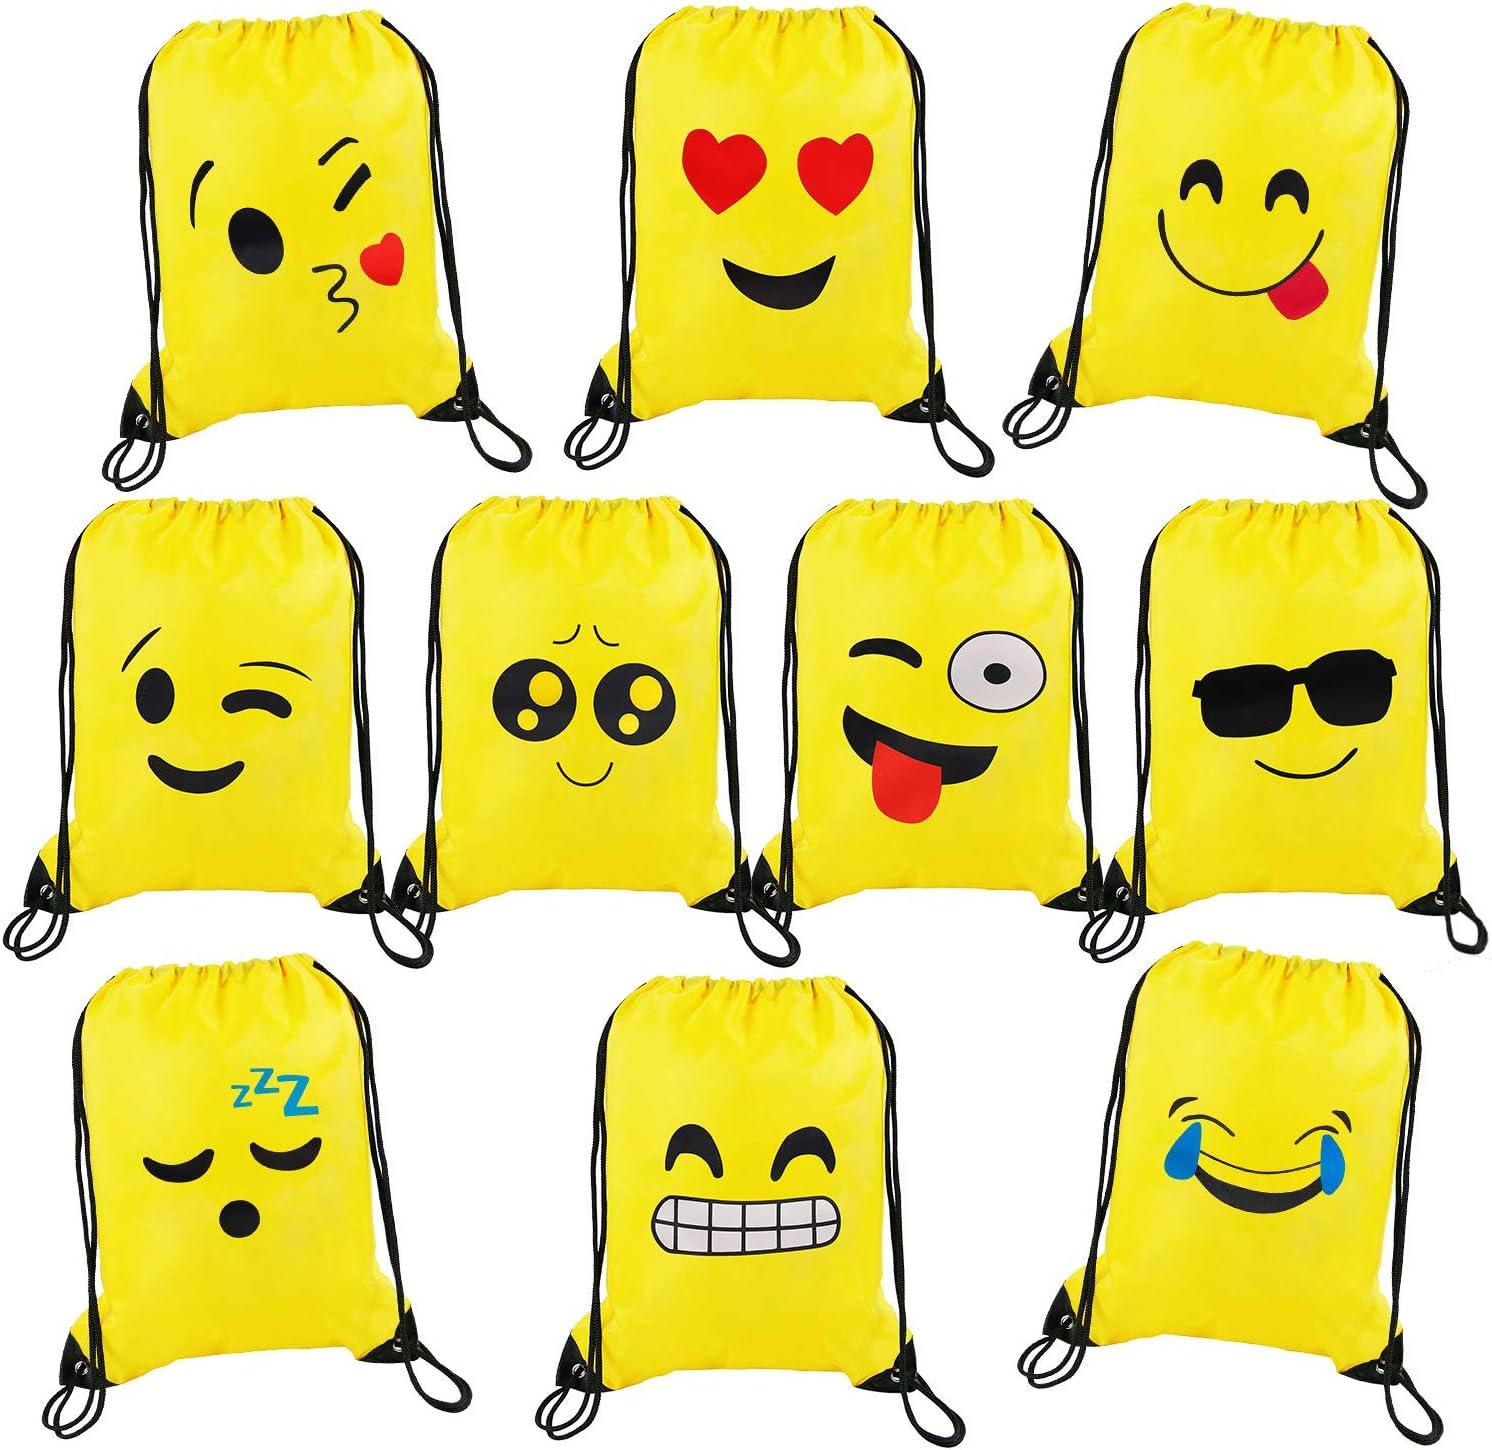 Bolsas de Cuerdas Emoji Dibujos Animados Mochila Bolsas PE para cumpleaños niños y Adultos la Fiesta Favorece Rellenos Bolsa 10 Piezas